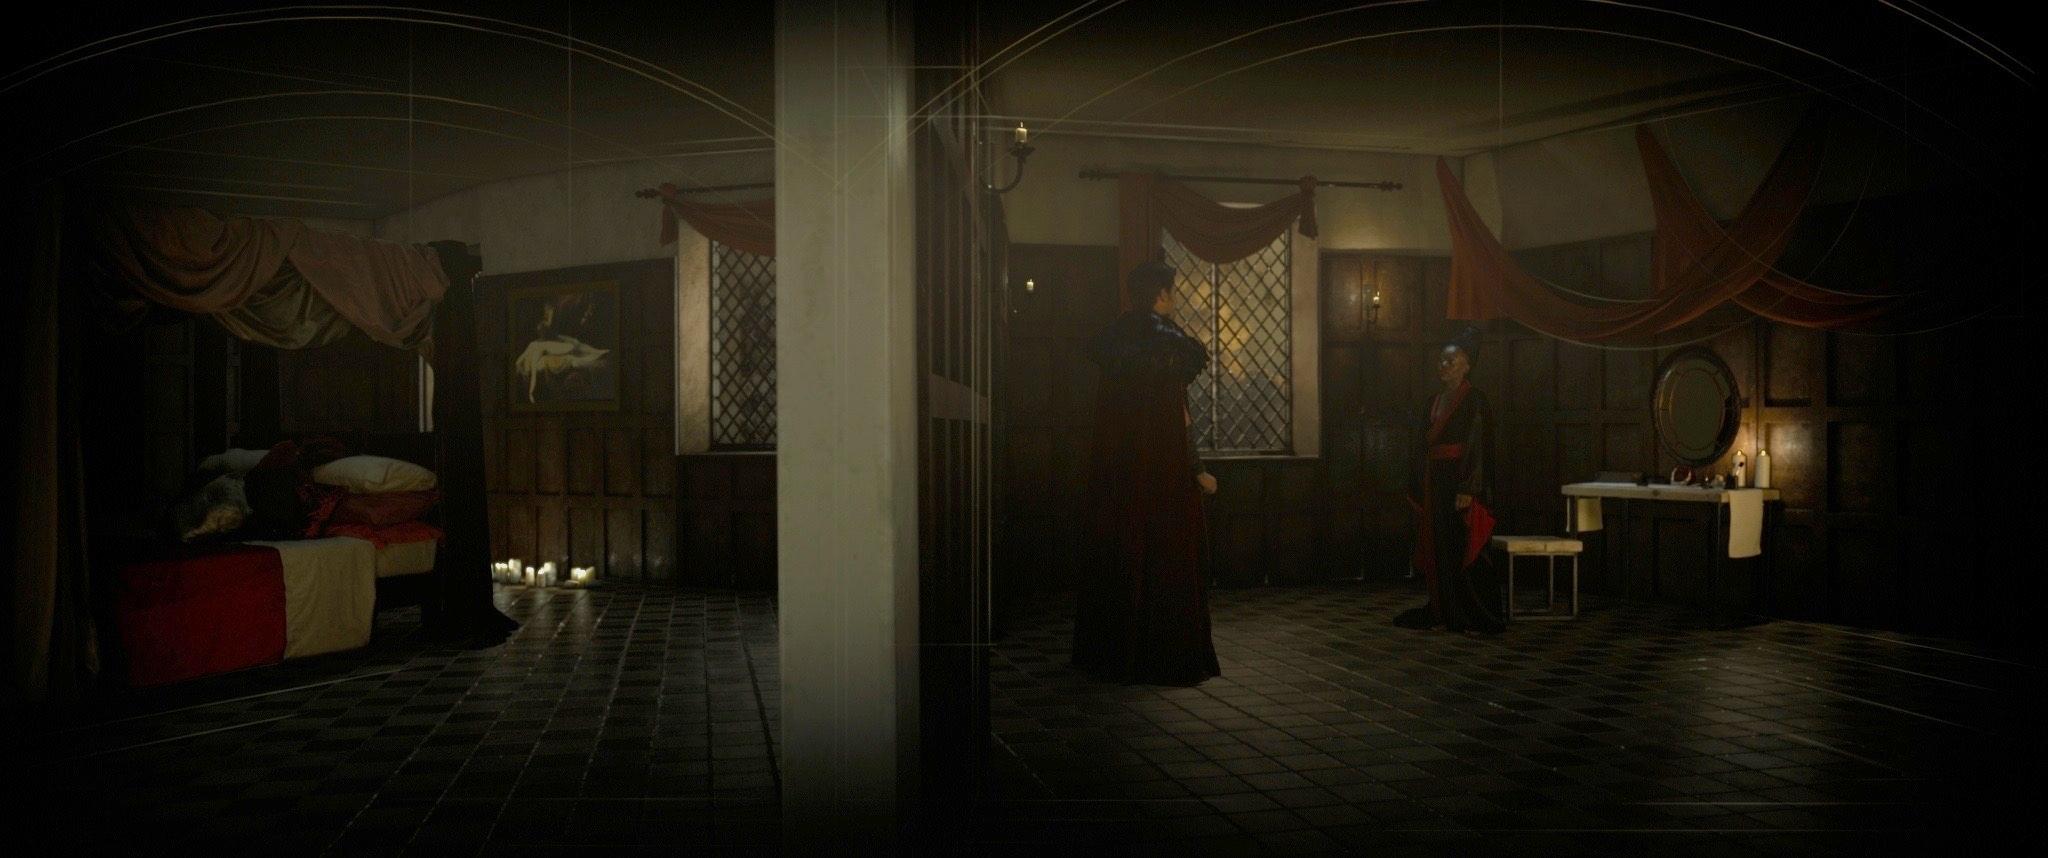 Macbeth_VFX_wide_075.jpg